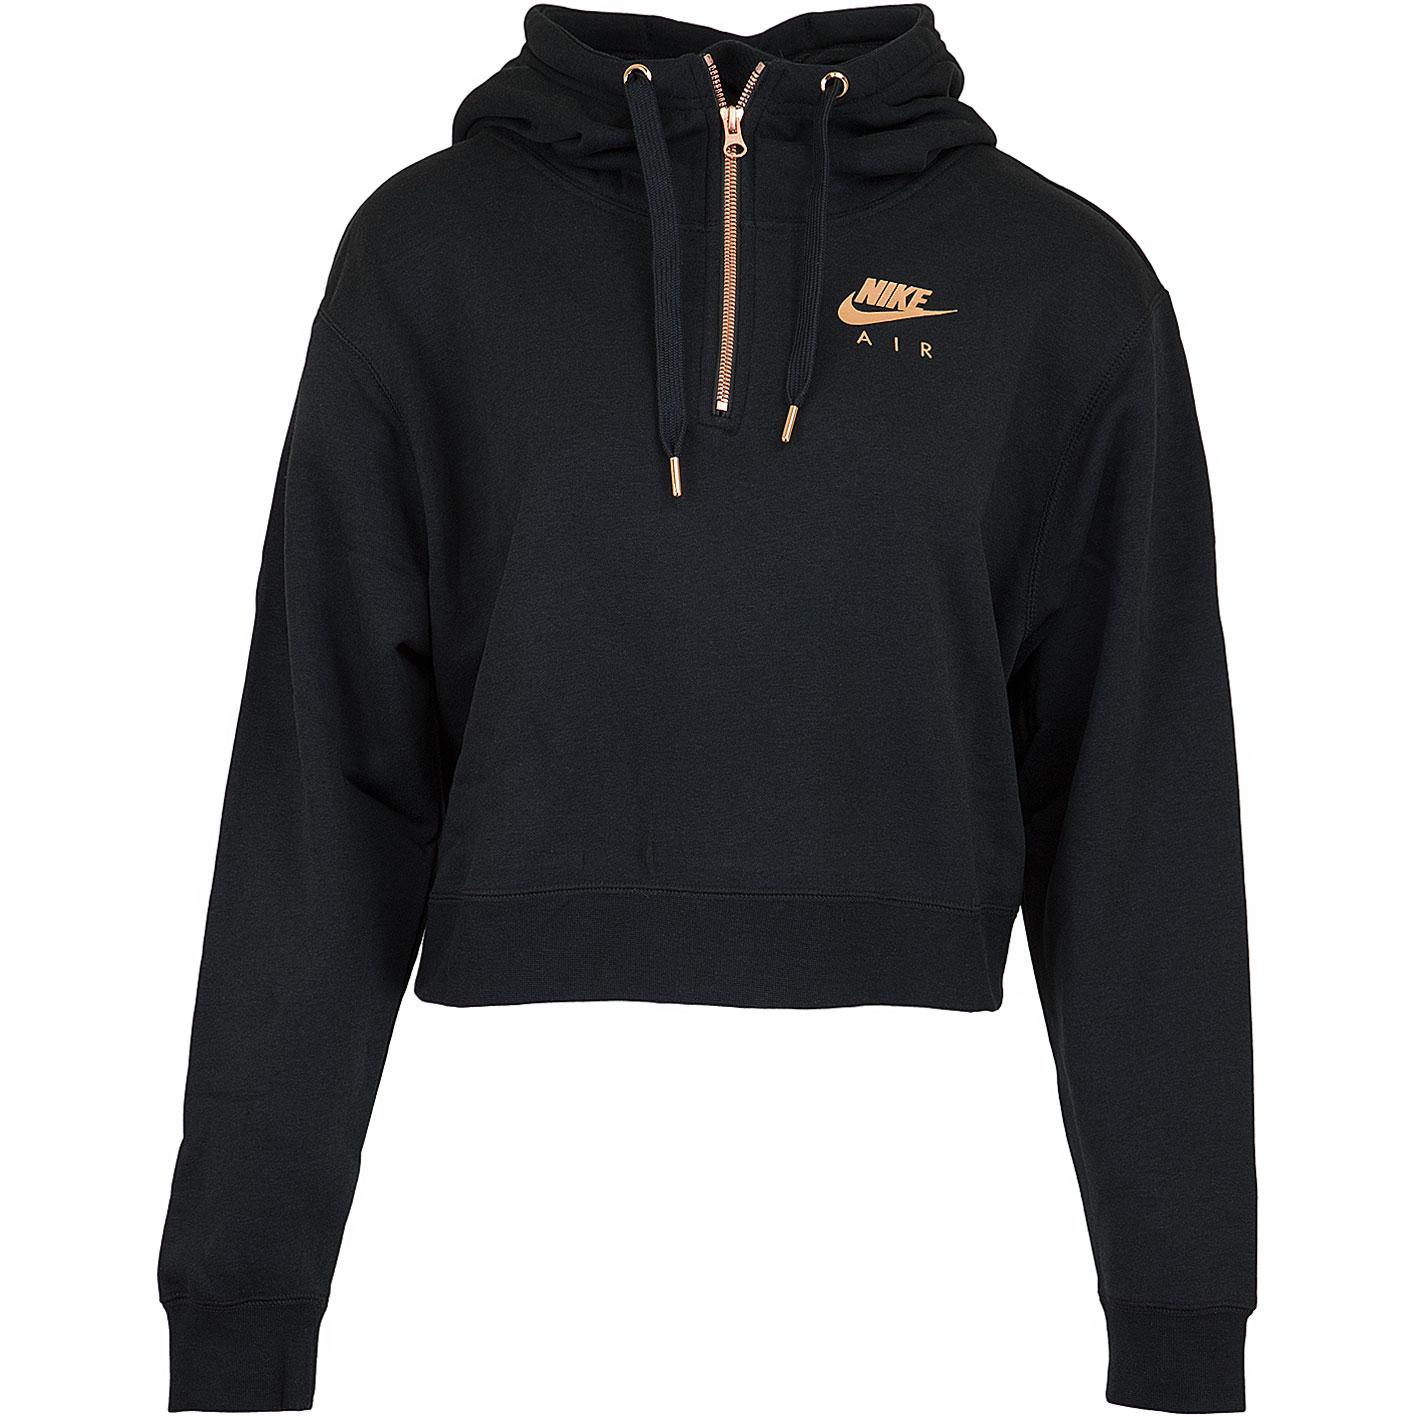 newest ac76f 663a2 ☆ Nike Damen Hoody Air Fleece HZ schwarz/rose - hier bestellen!